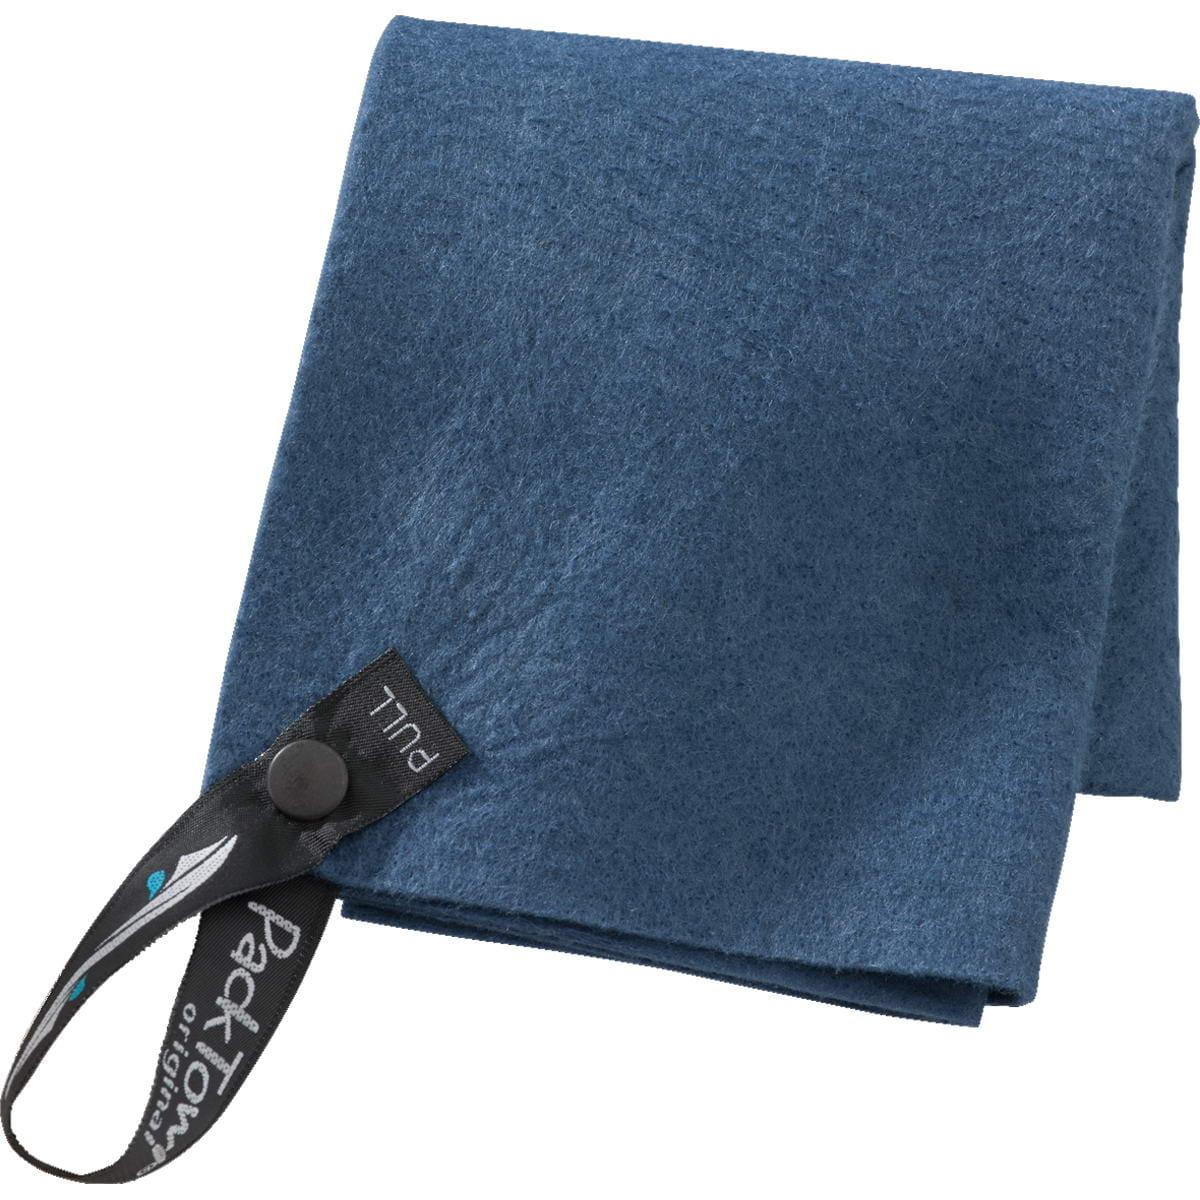 packtowl original l funktions handtuch g nstig online kaufen. Black Bedroom Furniture Sets. Home Design Ideas